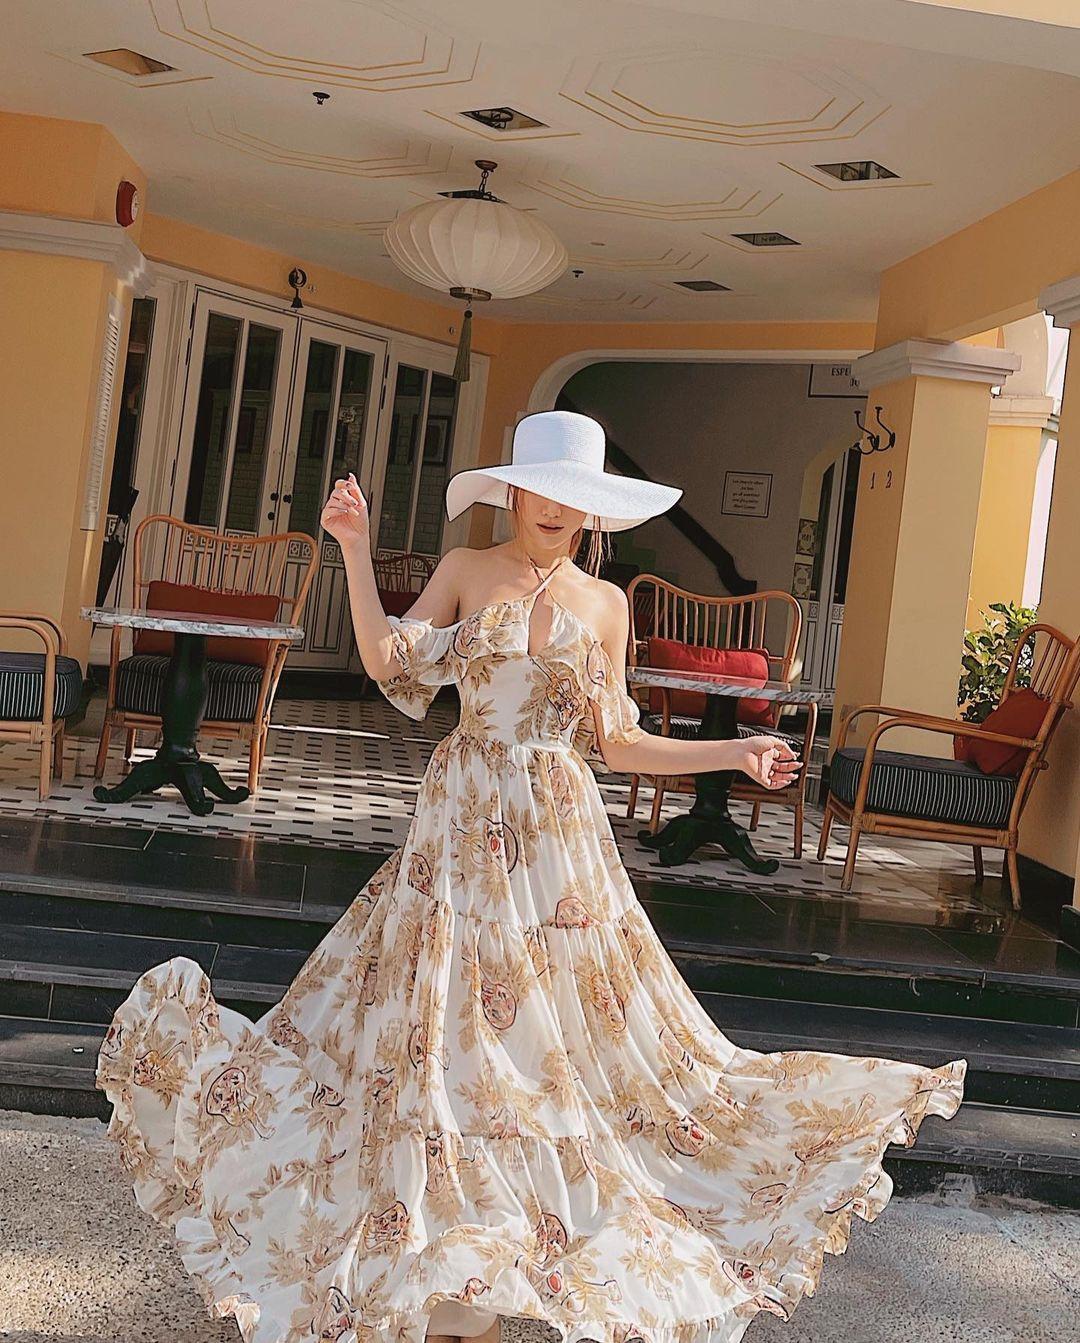 Đầm maxi hoa được Hạnh Sino diện khi đi biển. Trang phục tung bay trong gió giúp nữ ca sĩ có bức hình cực đẹp mắt.